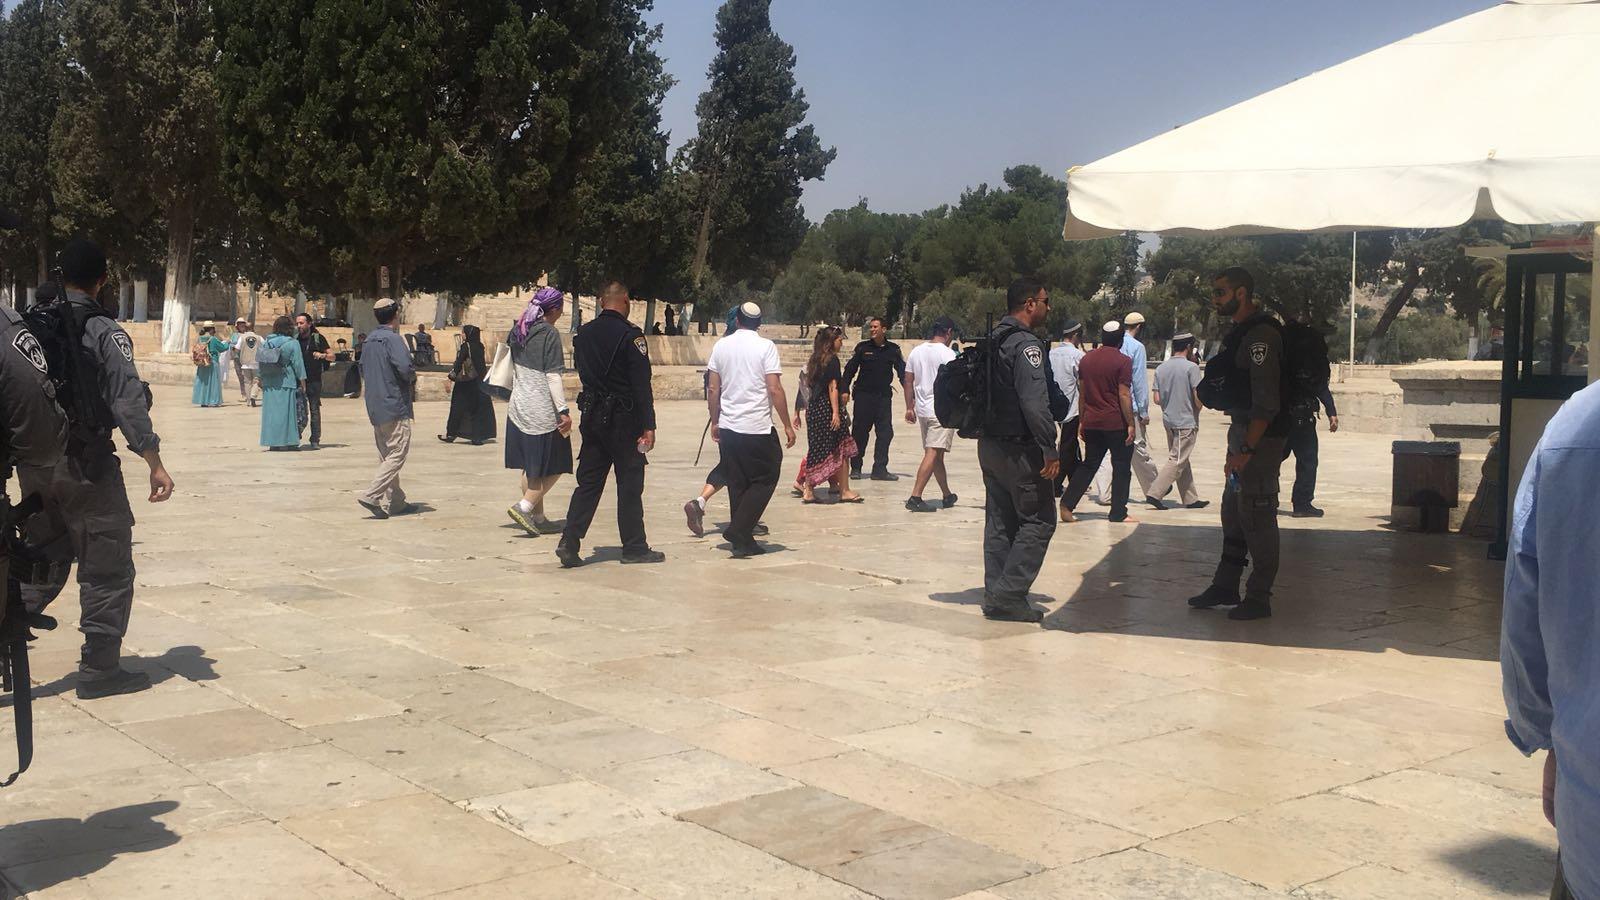 دعوات للمستوطنين لاقتحام جماعي للأقصى بـرأس السنة العبرية